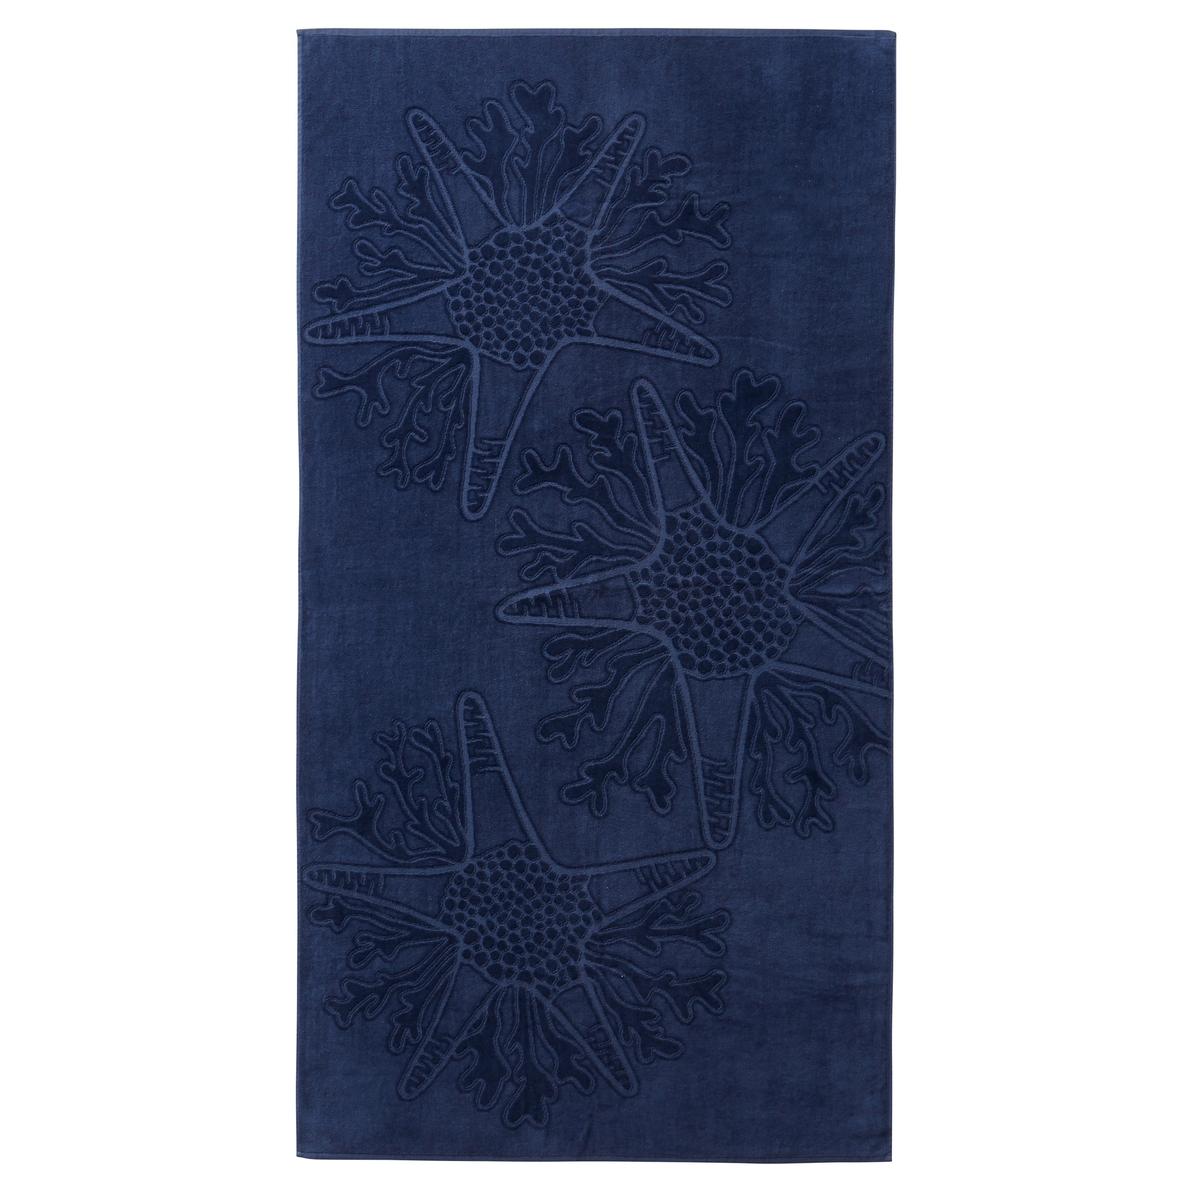 Полотенце пляжное BelicheПолотенце пляжное из велюра.Характеристики пляжного полотенца  Beliche:Махровая ткань из велюра, 100% хлопок.400 г/м?.Машинная стирка при 60 °С.Размеры пляжного полотенца Beliche :95 x 170 см<br><br>Цвет: синий морской